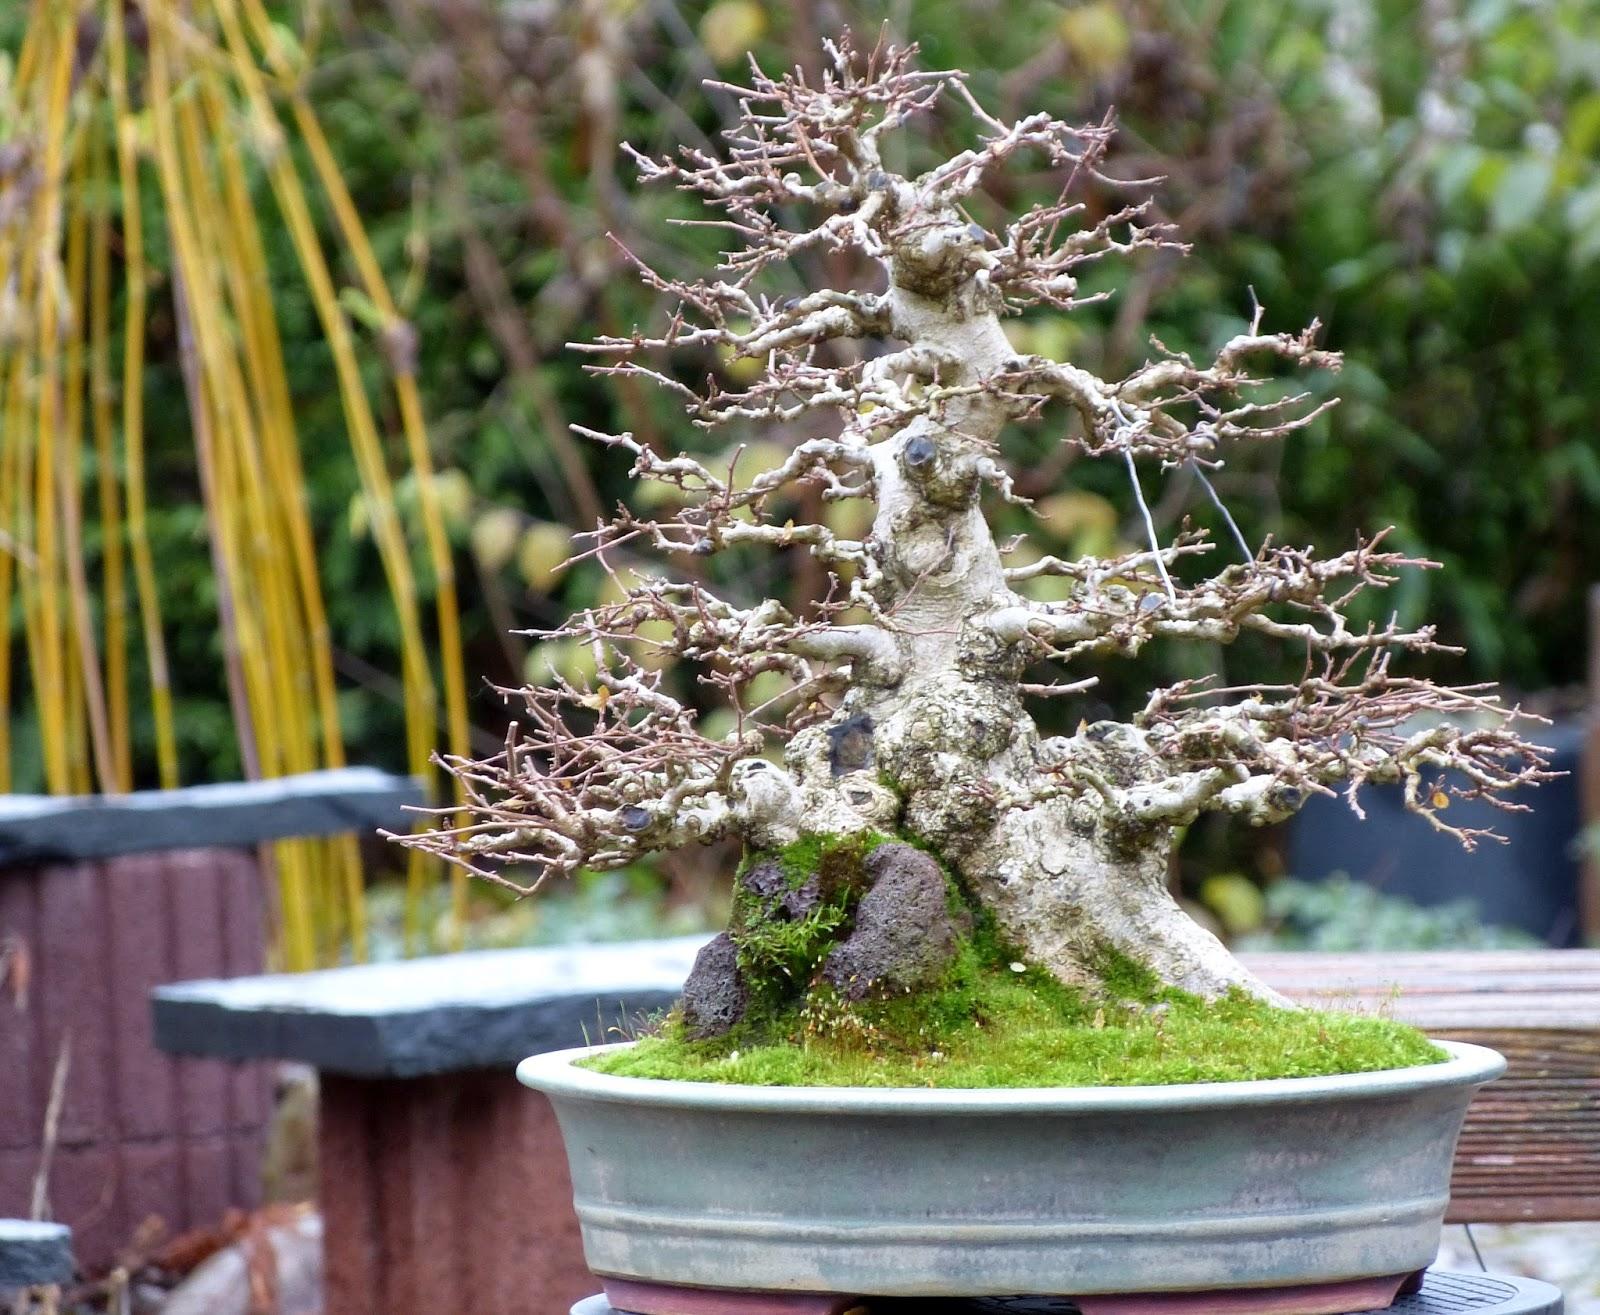 Holger39s Bonsai Blog